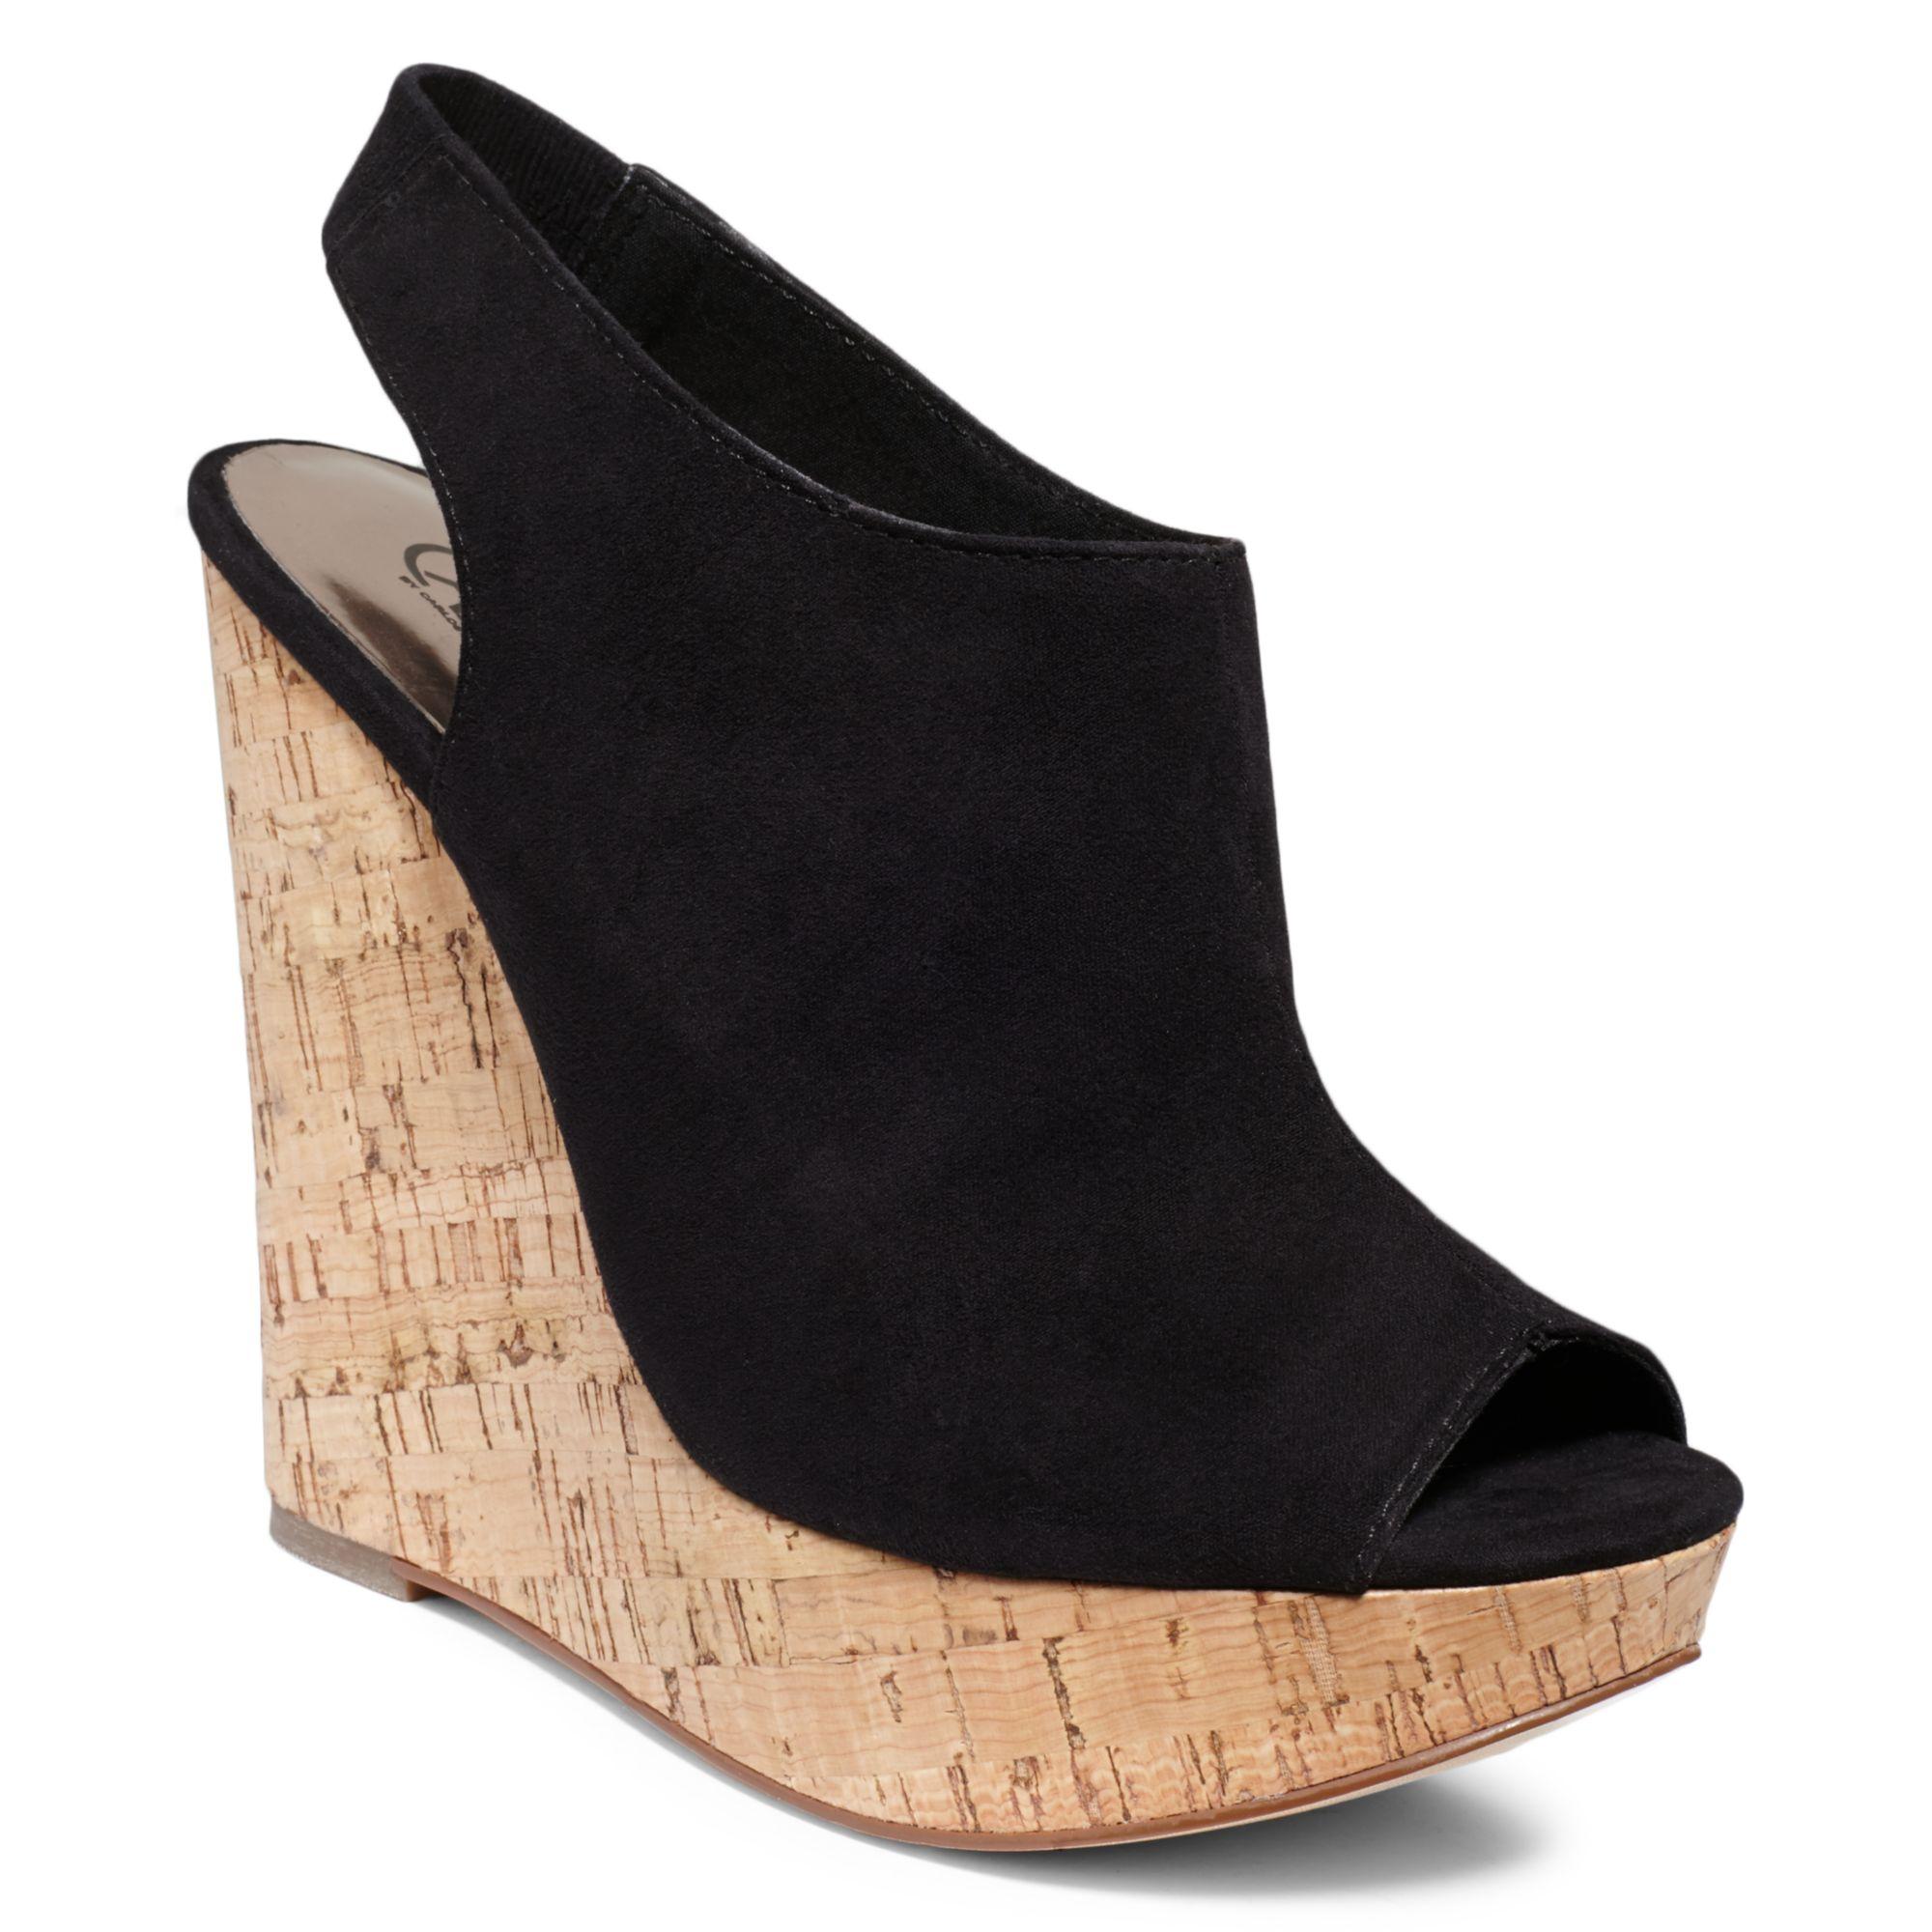 carlos by carlos santana platform wedge sandals in